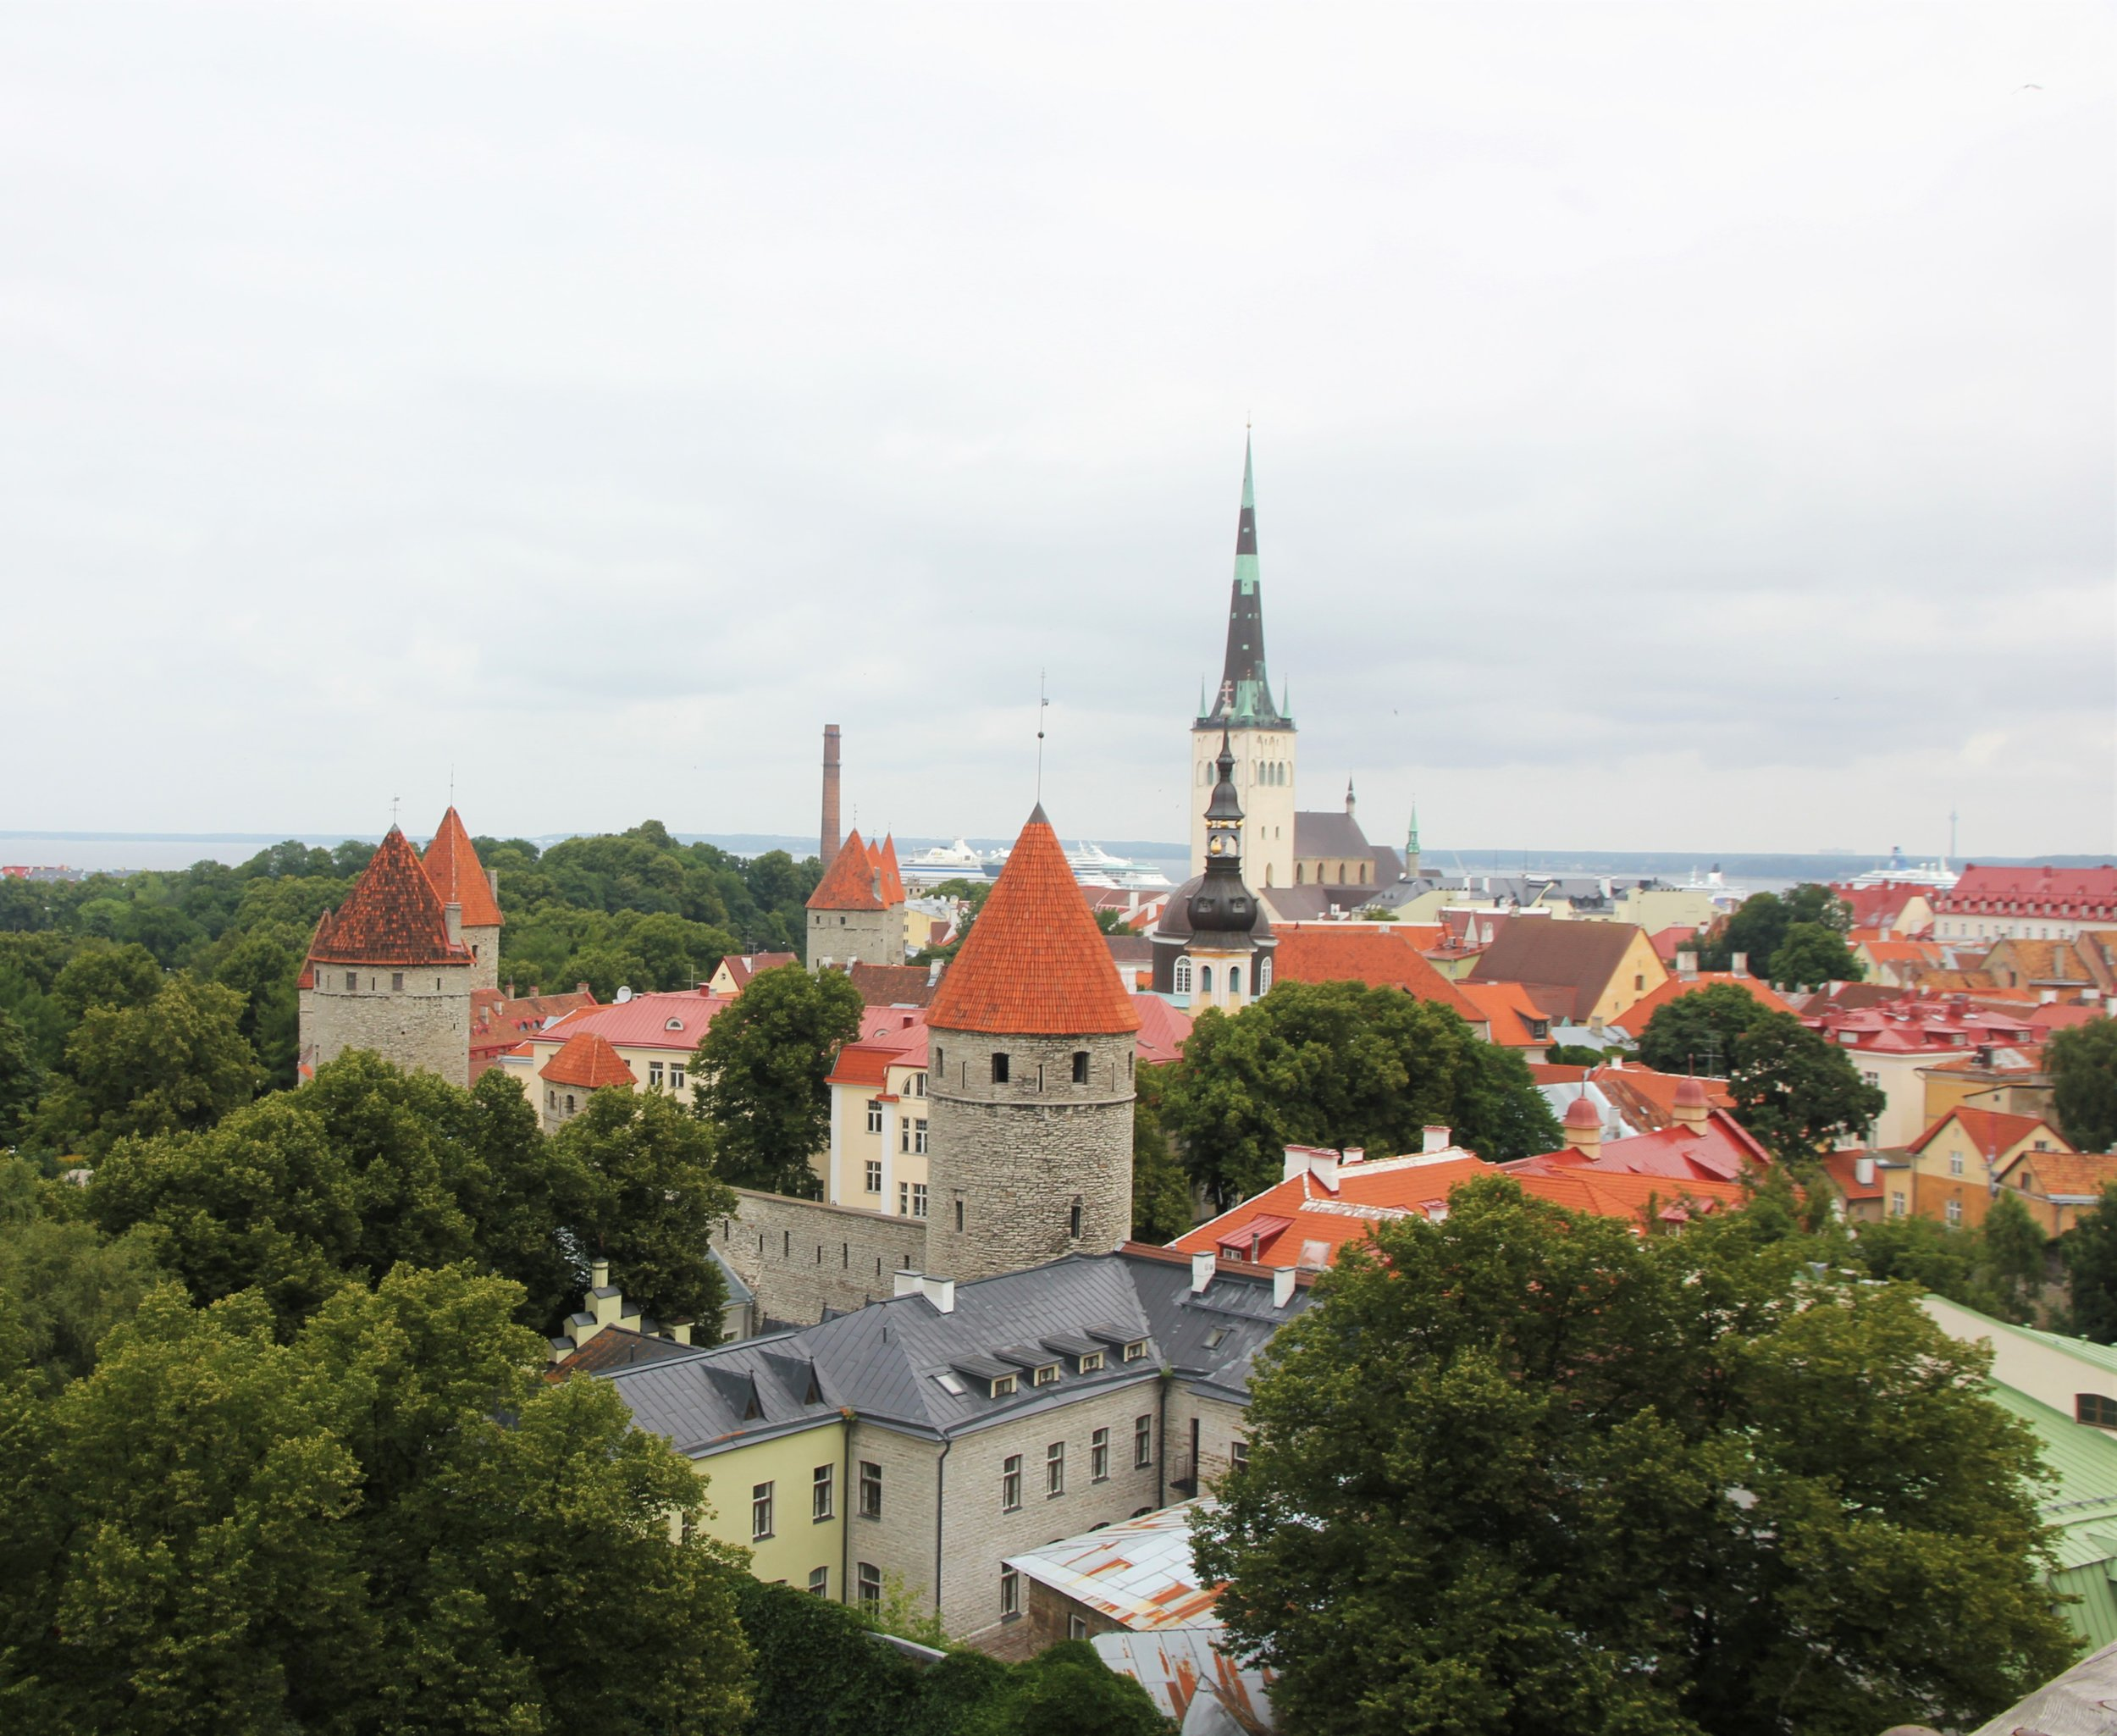 tallinn-estonia-old-town